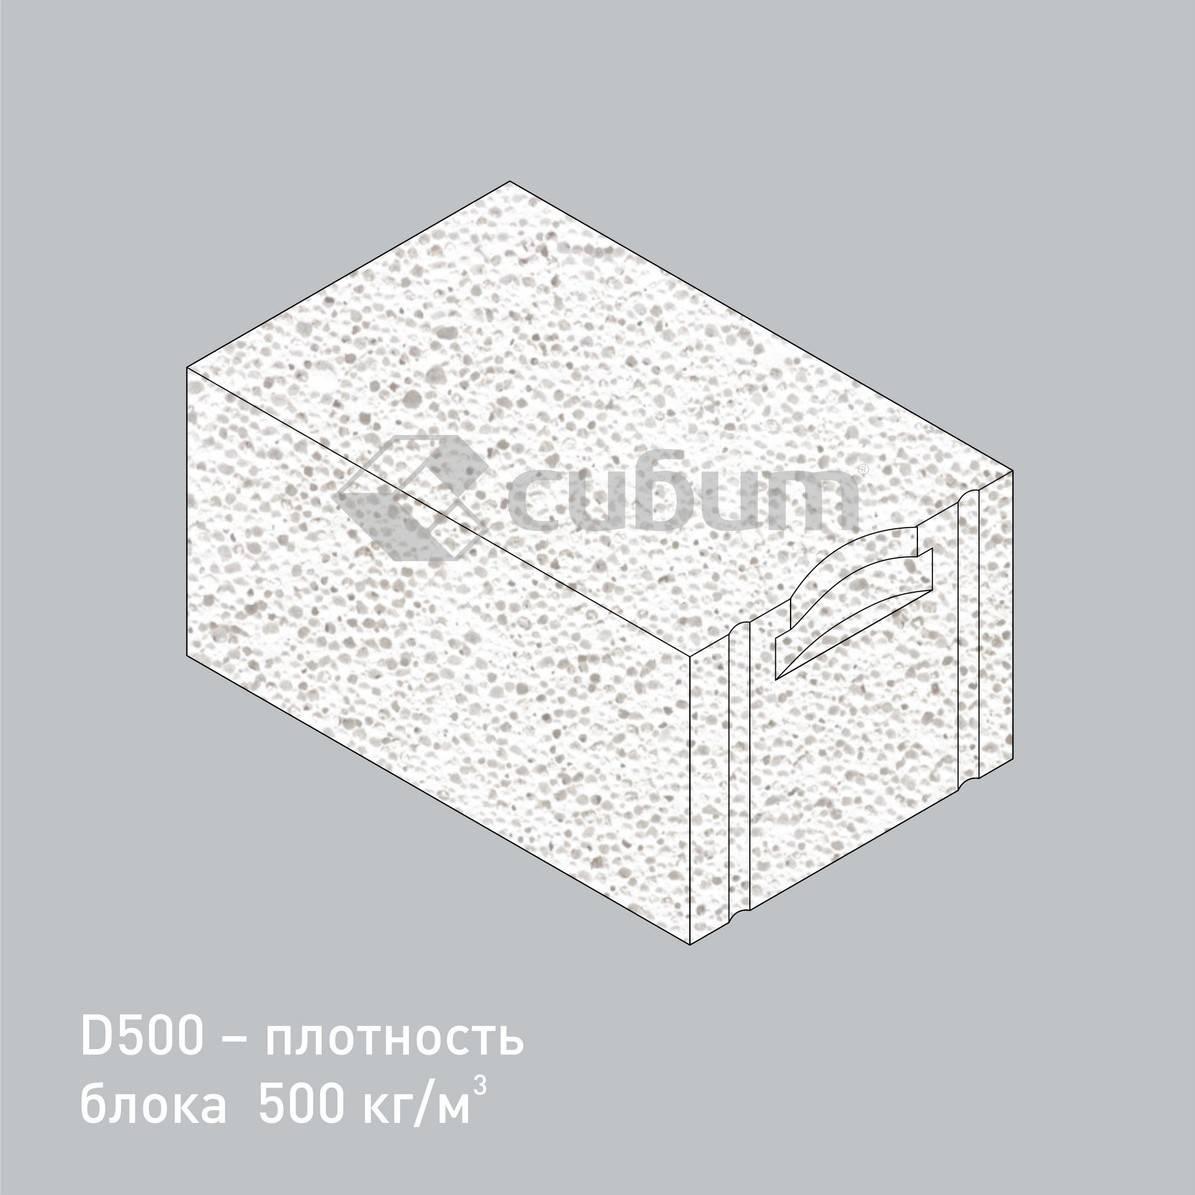 Газосиликатные блоки (53 фото): характеристики газосиликата, сарай с односкатной крышей из блоков и другое применение, перегородочные блоки «забудова» и других производителей, отзывы